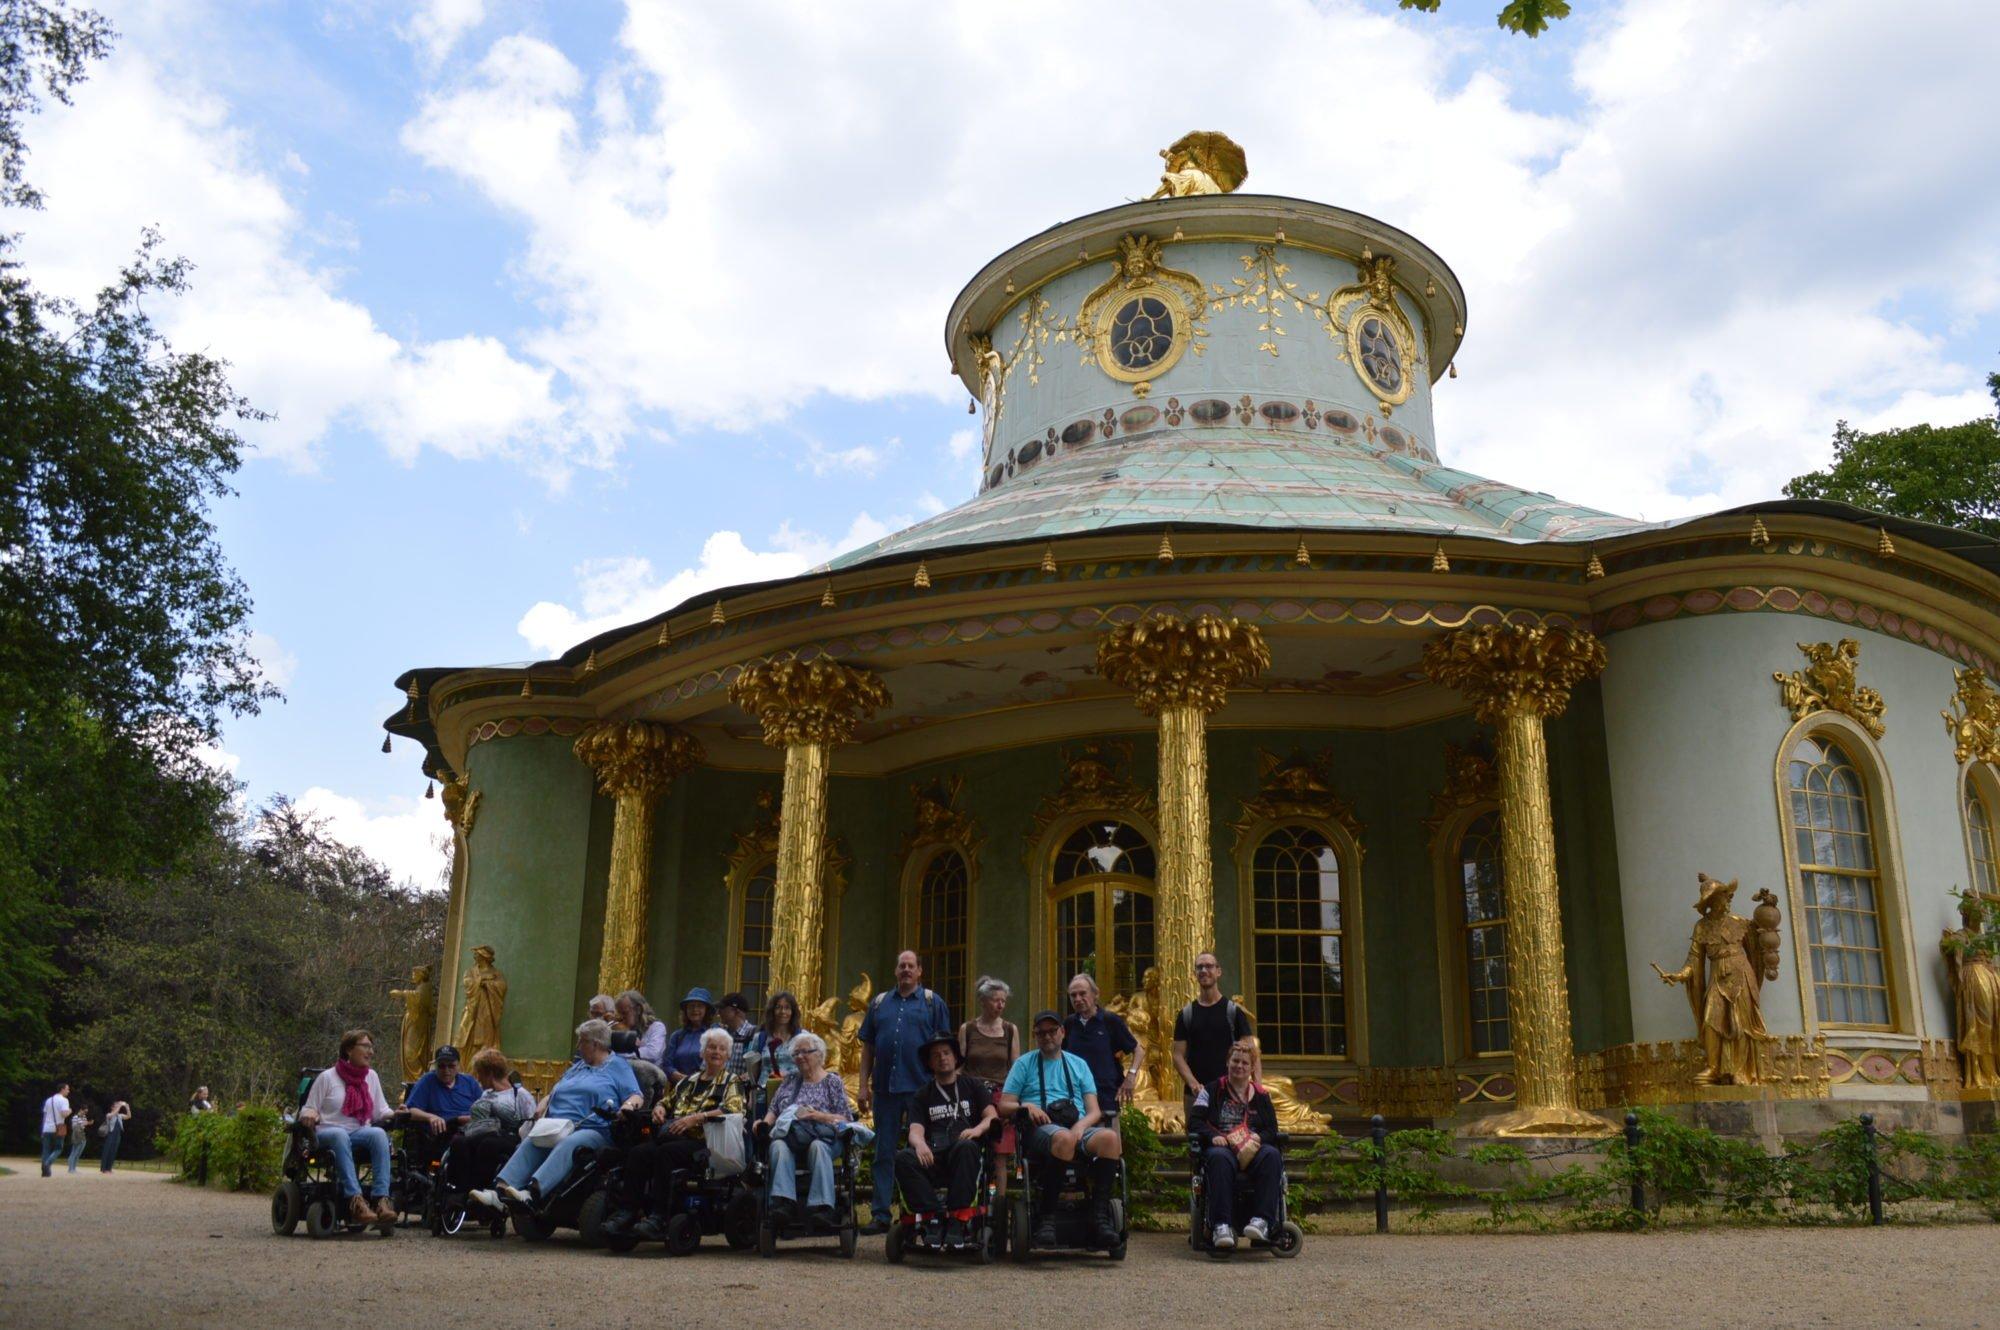 Gruppenfoto vor einem Gebäude im Schlosspark.